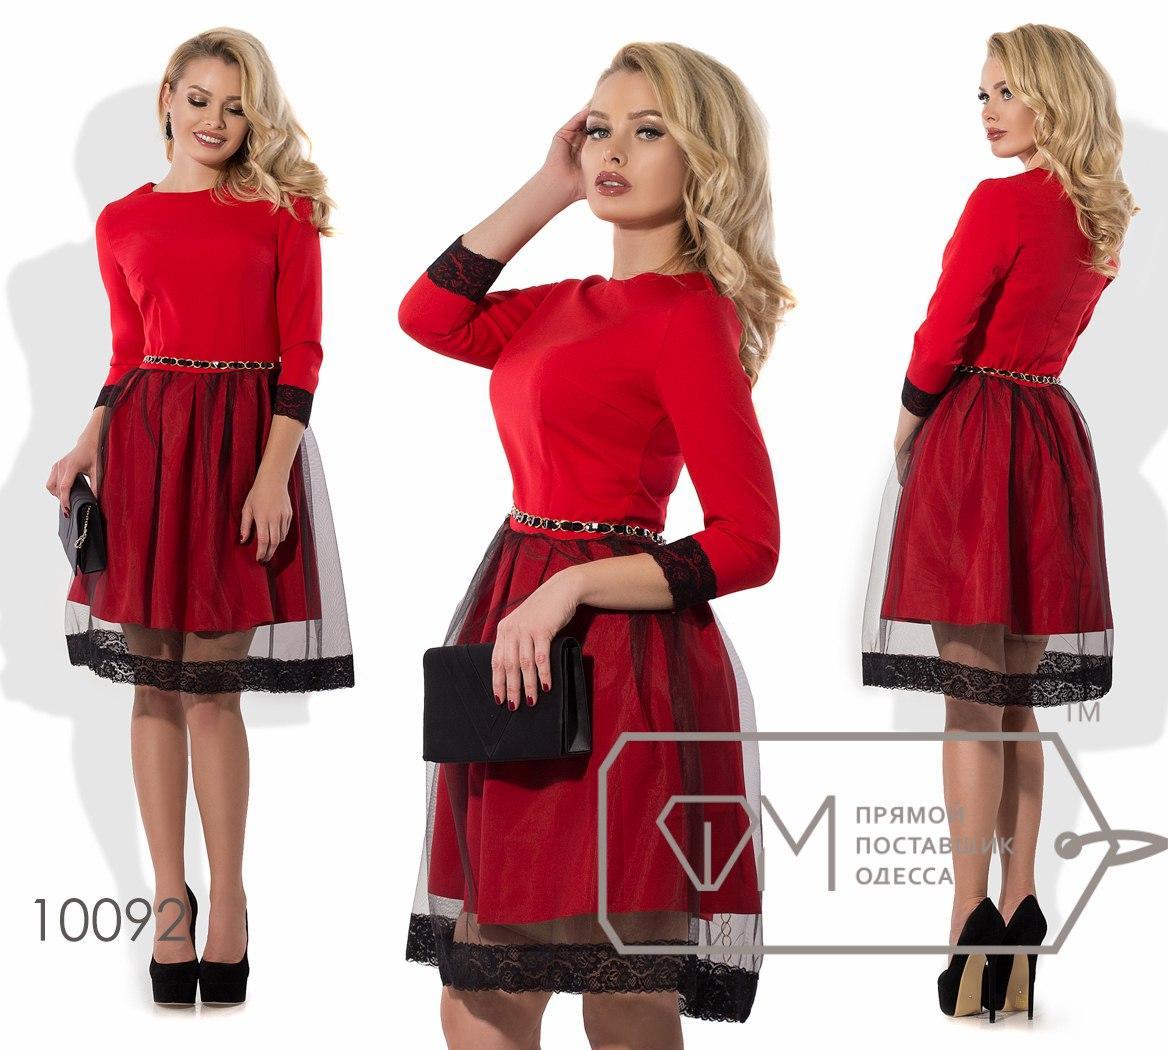 0861bca2eaa Красное приталенное платье с черным фатином на пышной юбке-колокольчик.  Арт-3236